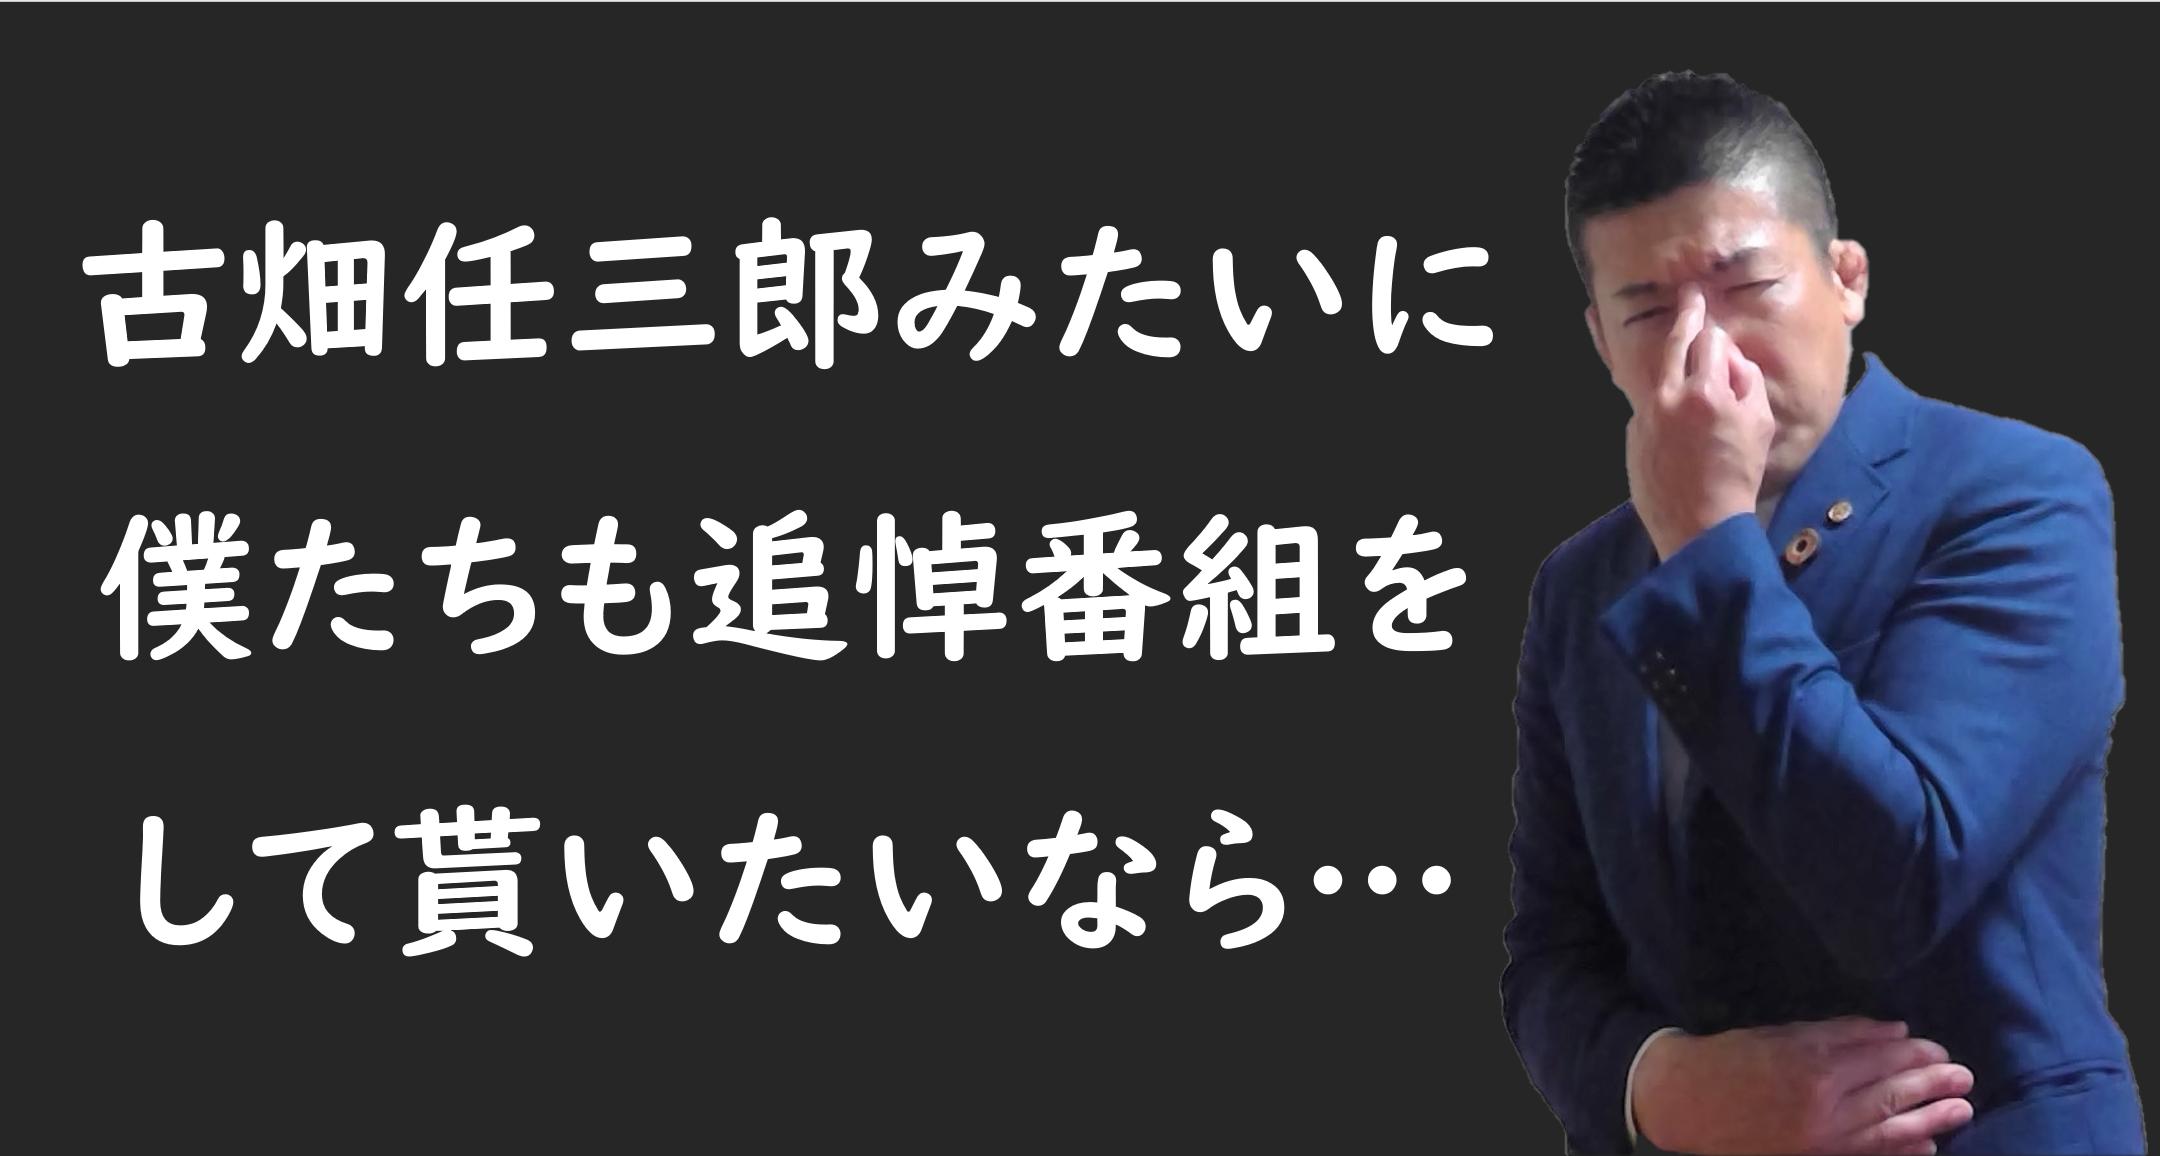 古畑任三郎 追悼番組